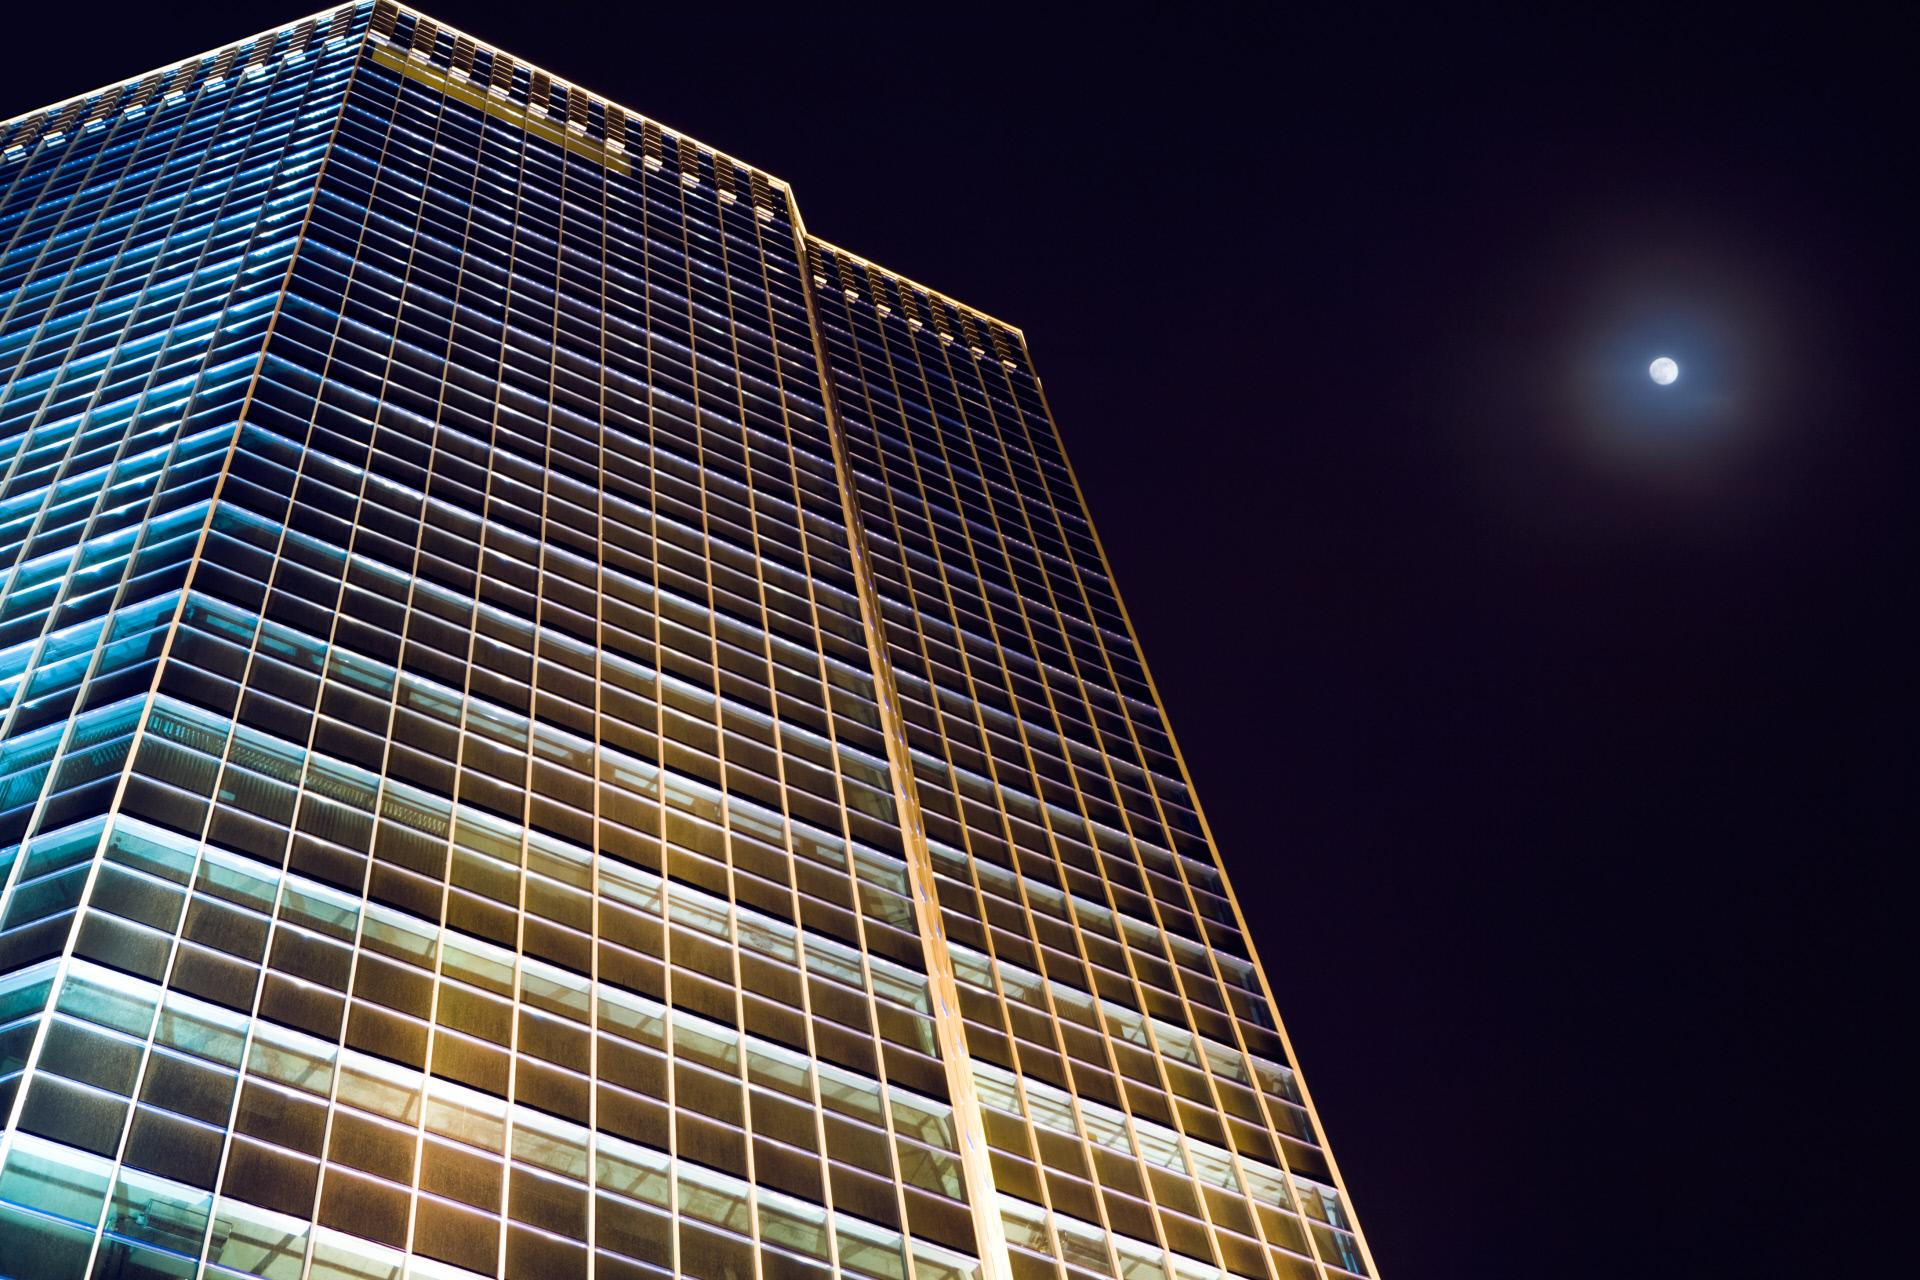 Edificio de oficinas.  / Gtres